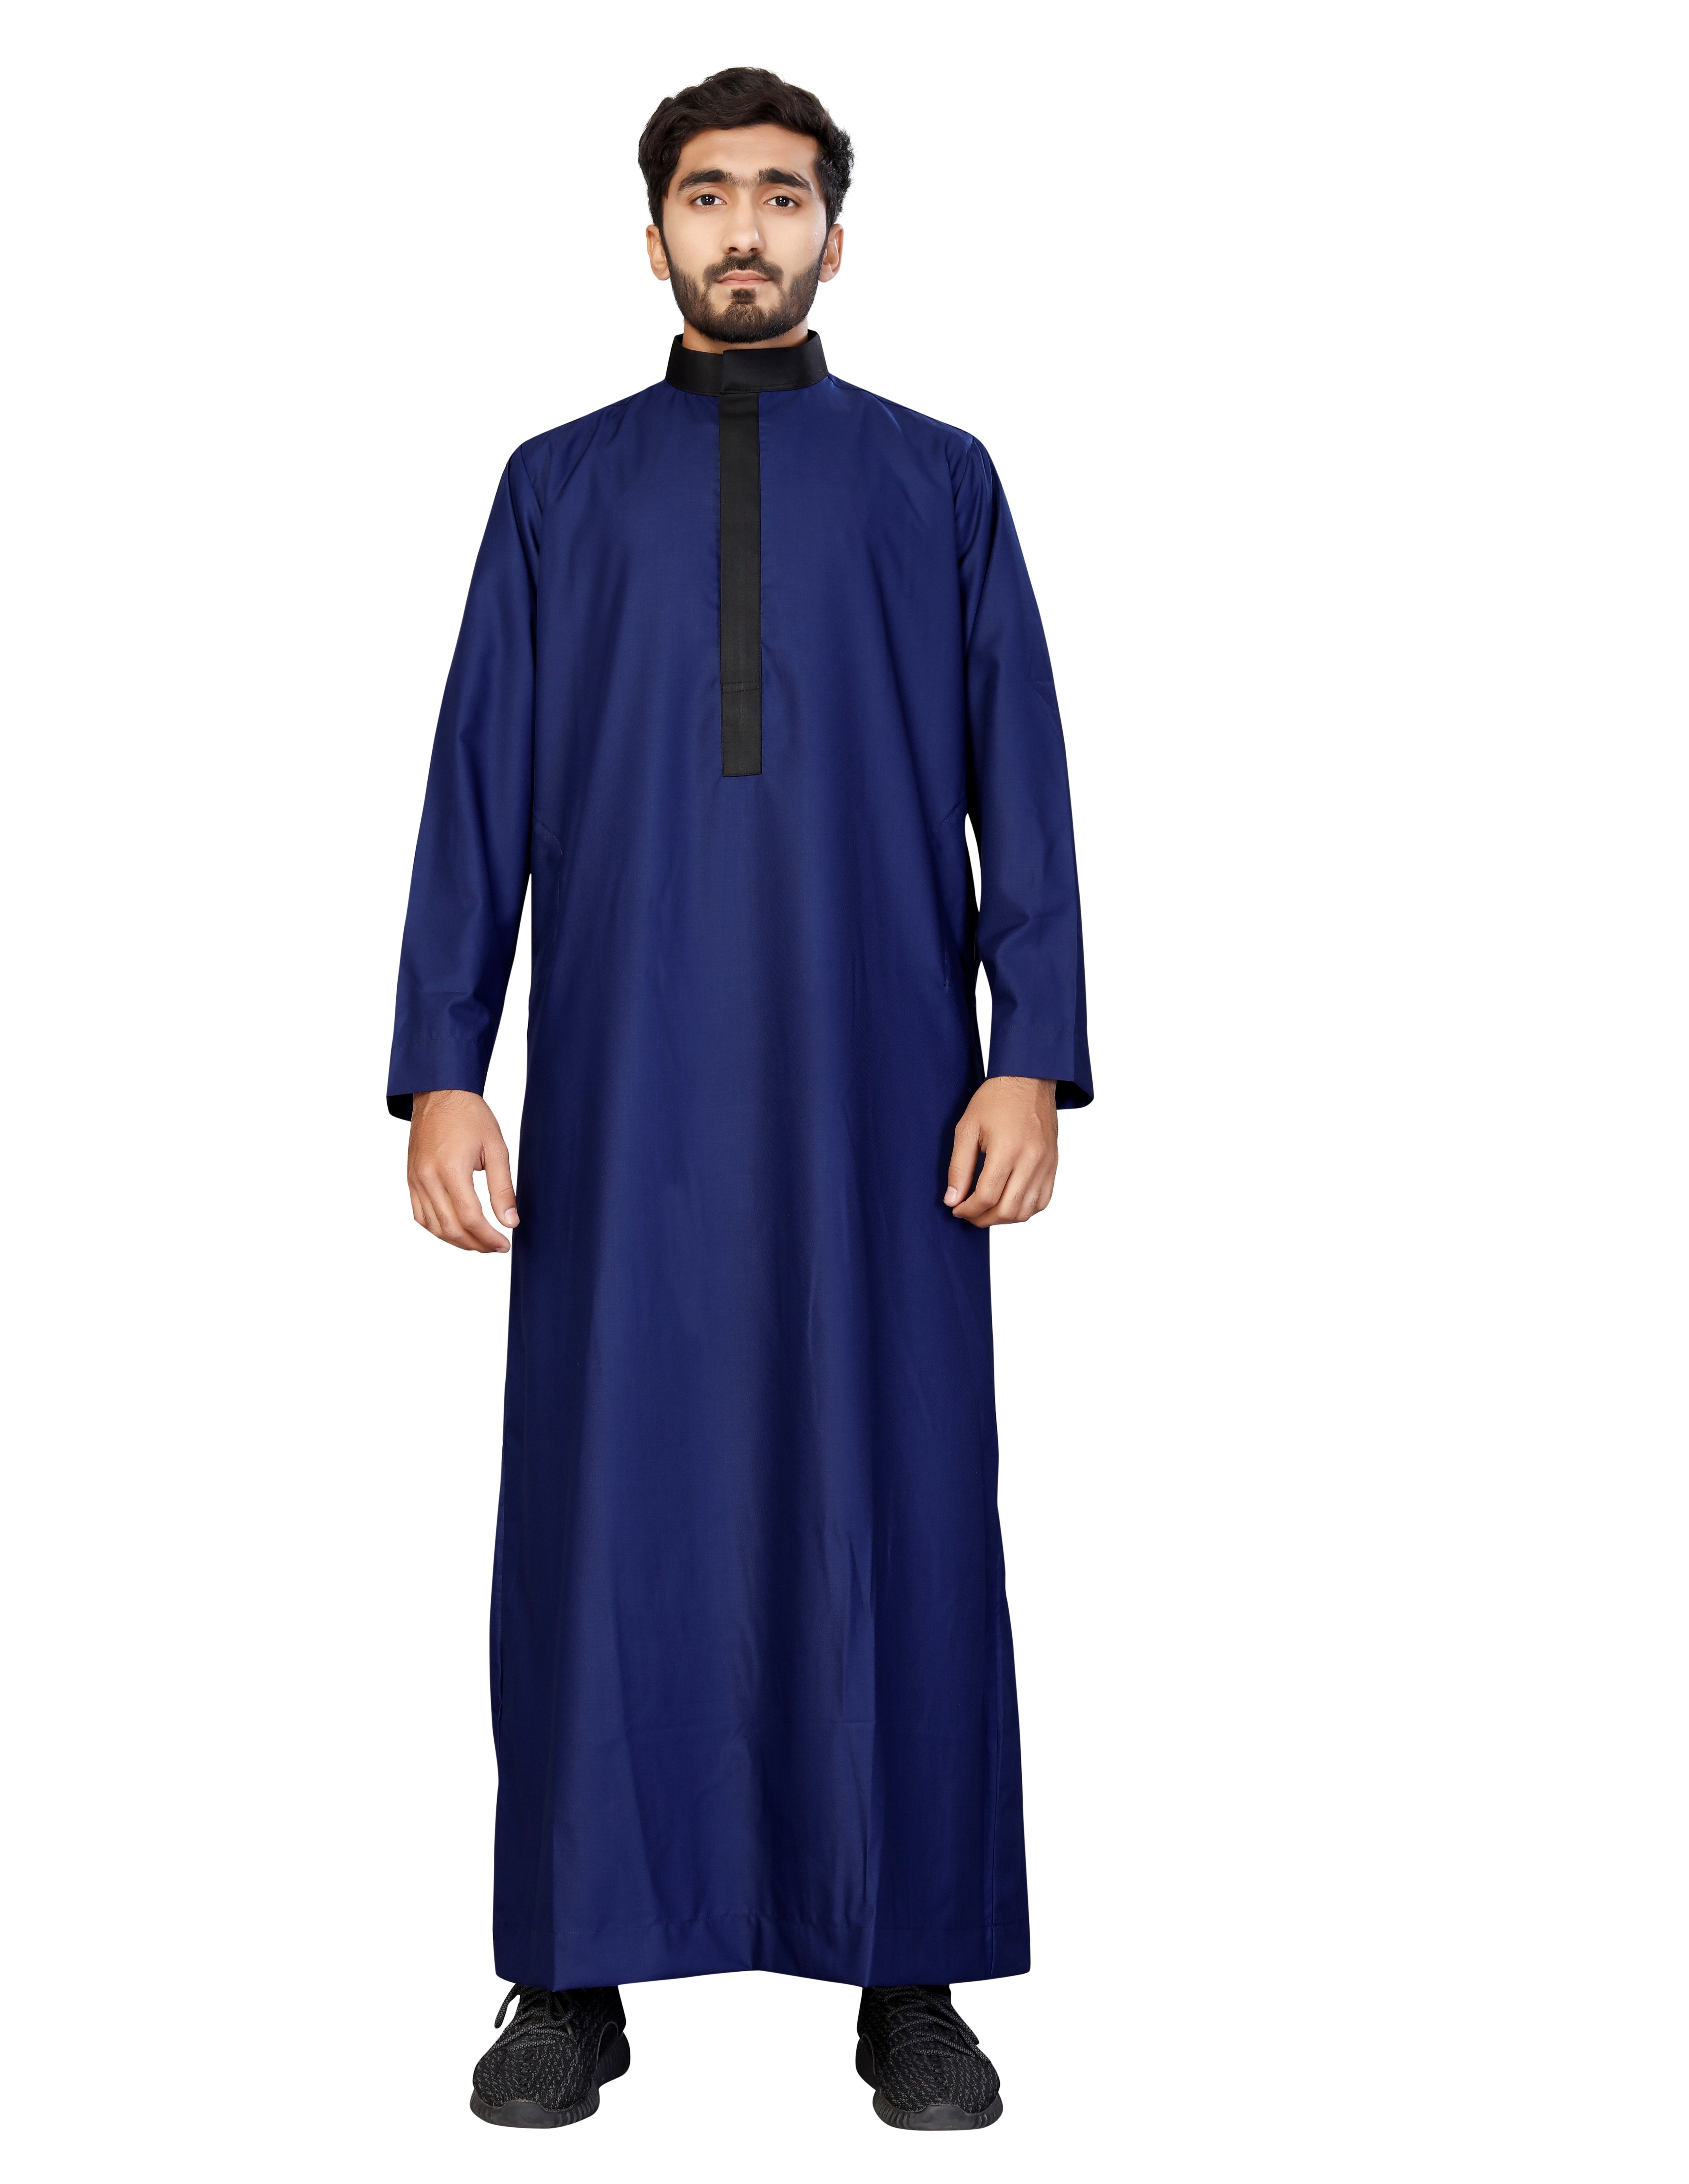 0ad082bee مصادر شركات تصنيع الأزرق الثوب والأزرق الثوب في Alibaba.com